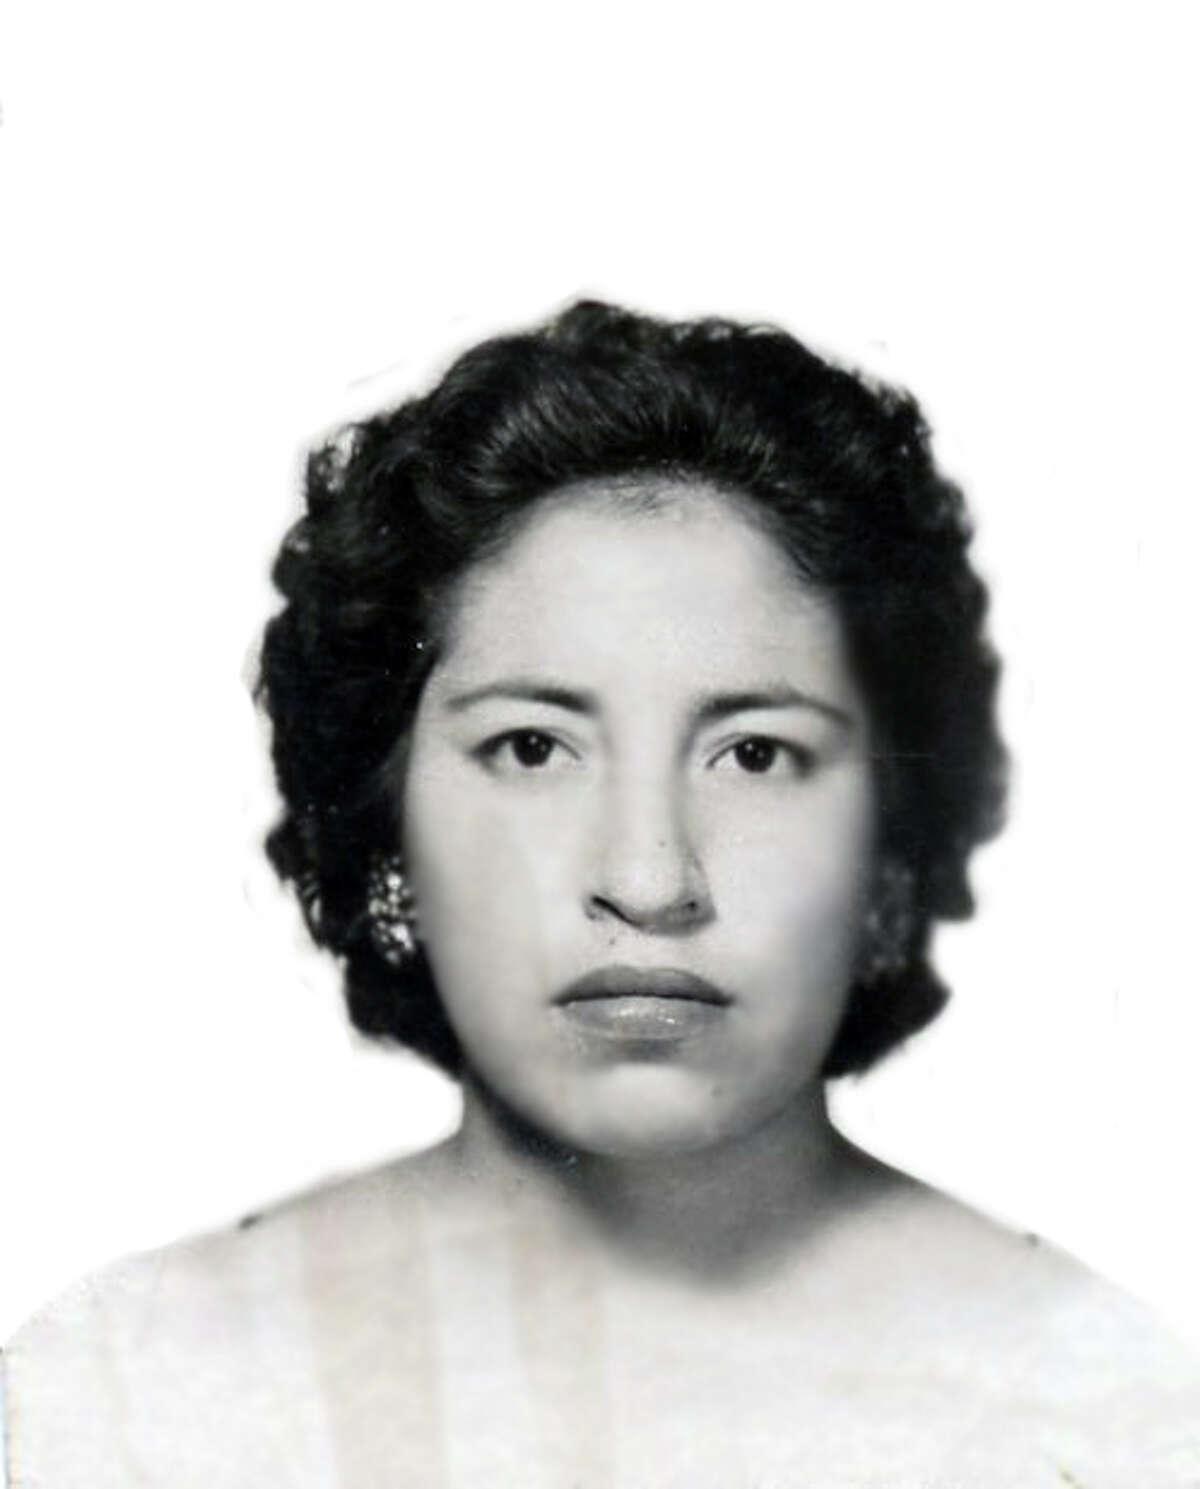 Margarita Gonzalez